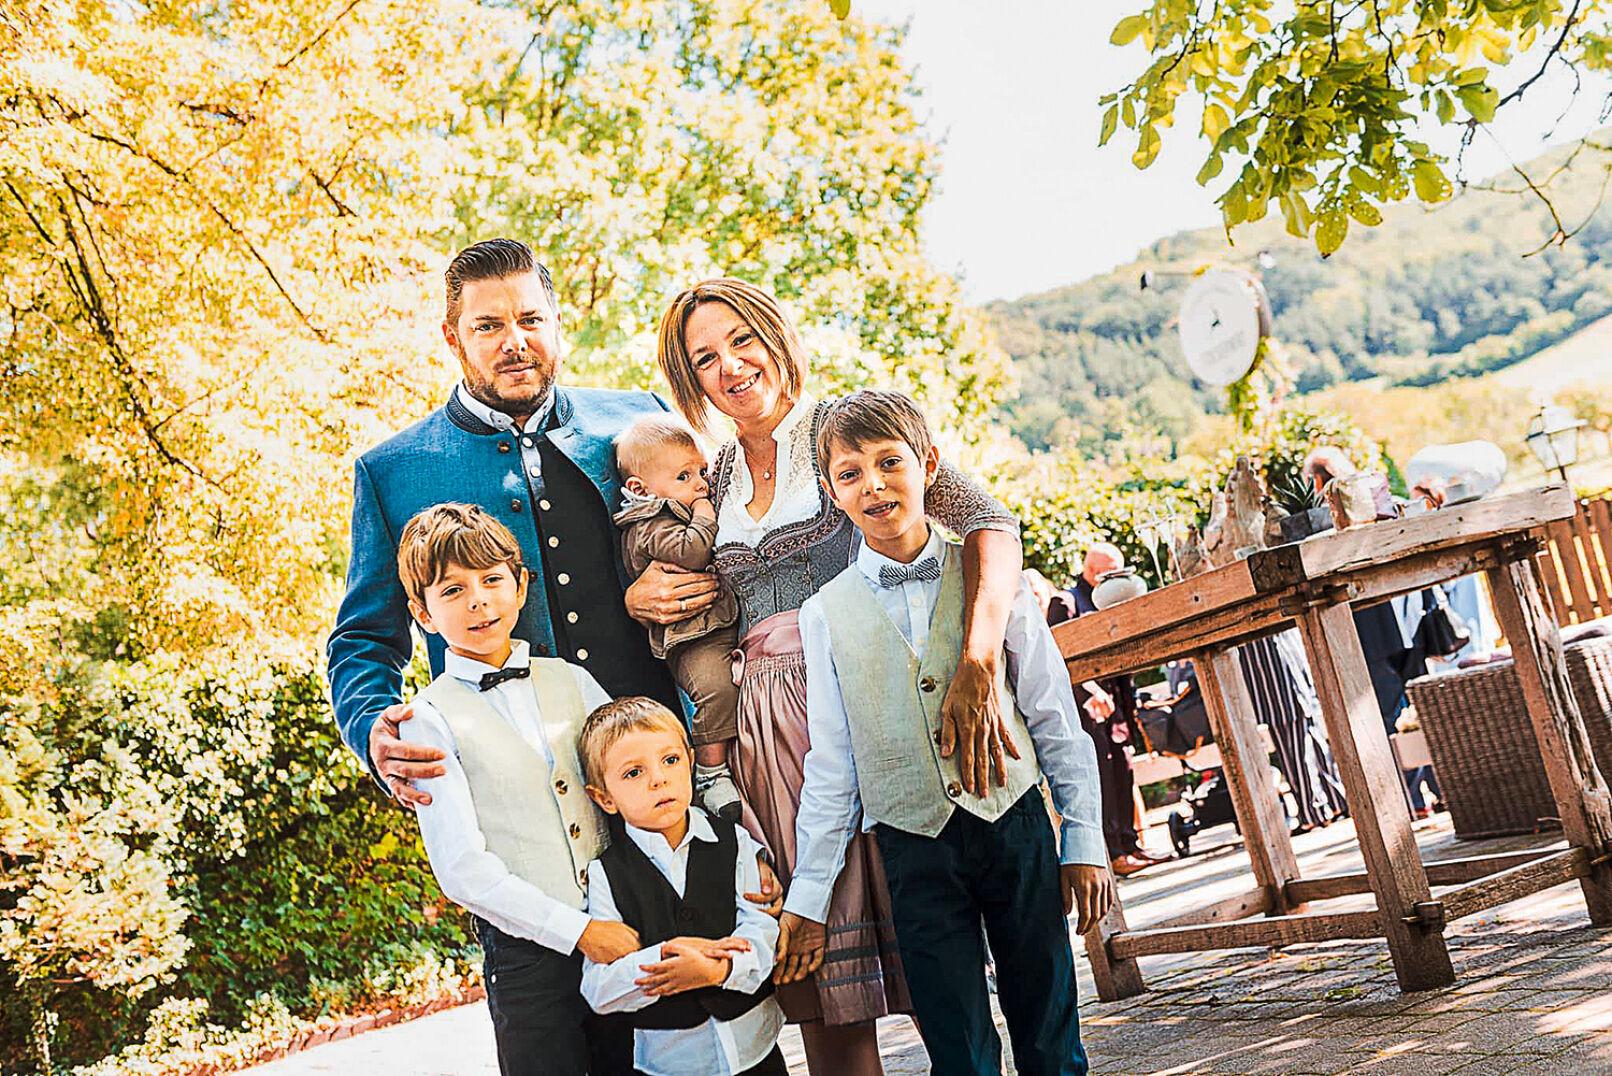 Trachtige Bekleidung für die ganze Familie, Peter mit seiner Frau Maria und den Kindern